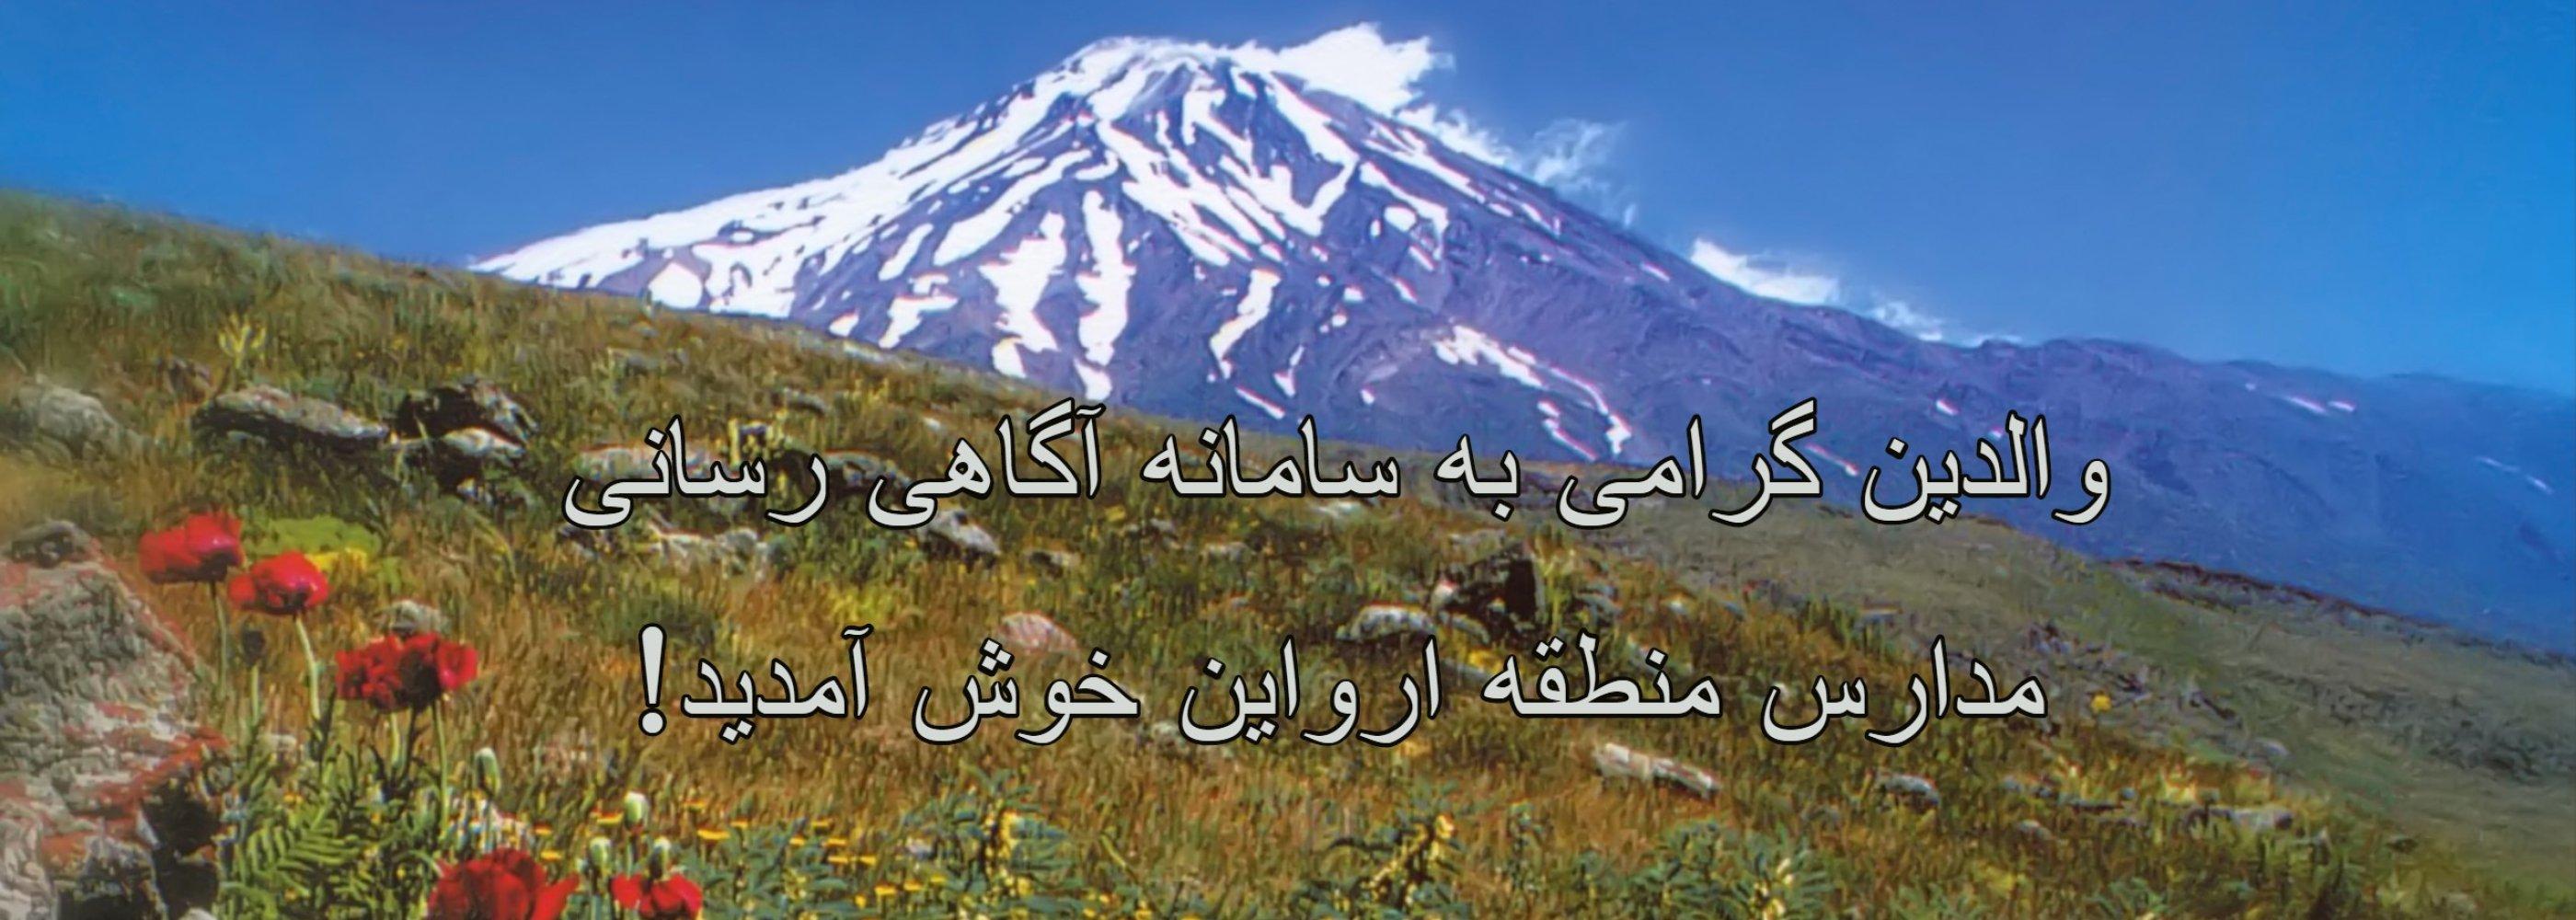 قله دماوند در بهار با دامنه پر از لاله